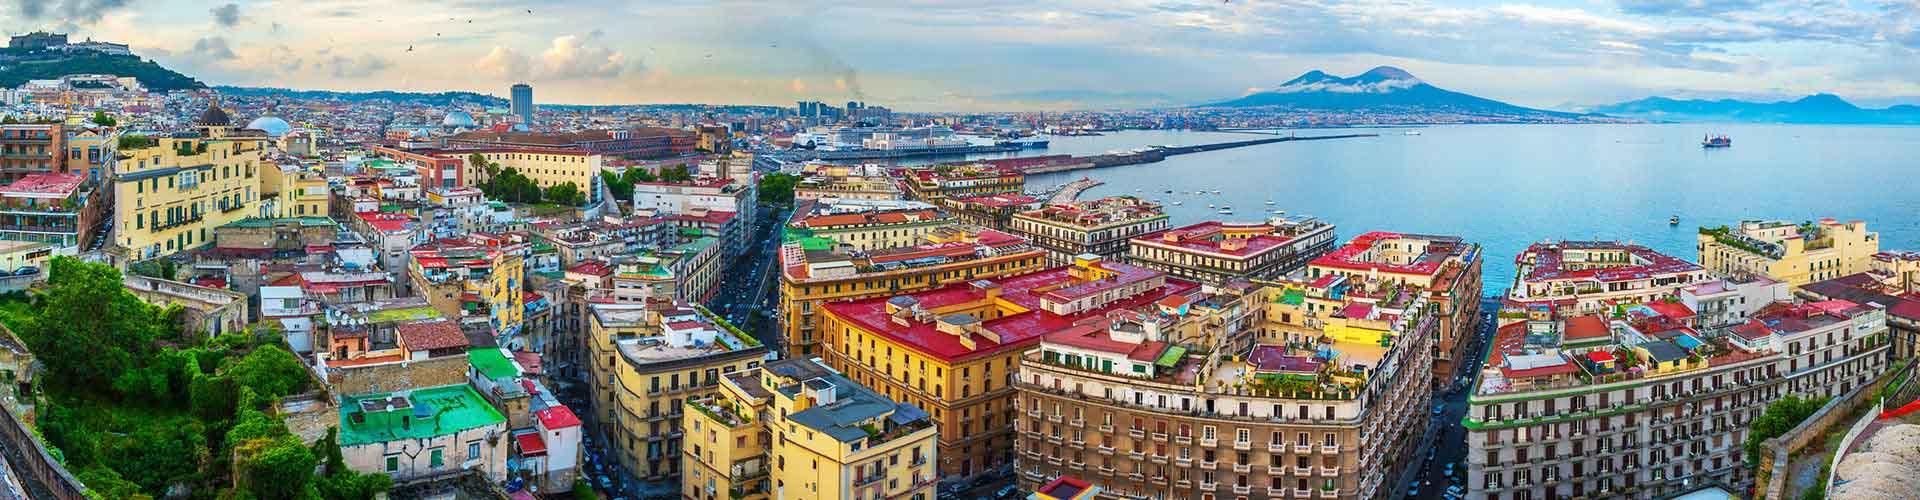 Napoli – Hostellit kaupungiosassa San Giuseppe. Napoli -karttoja, valokuvia ja arvosteluja kaikista Napoli -hostelleista.